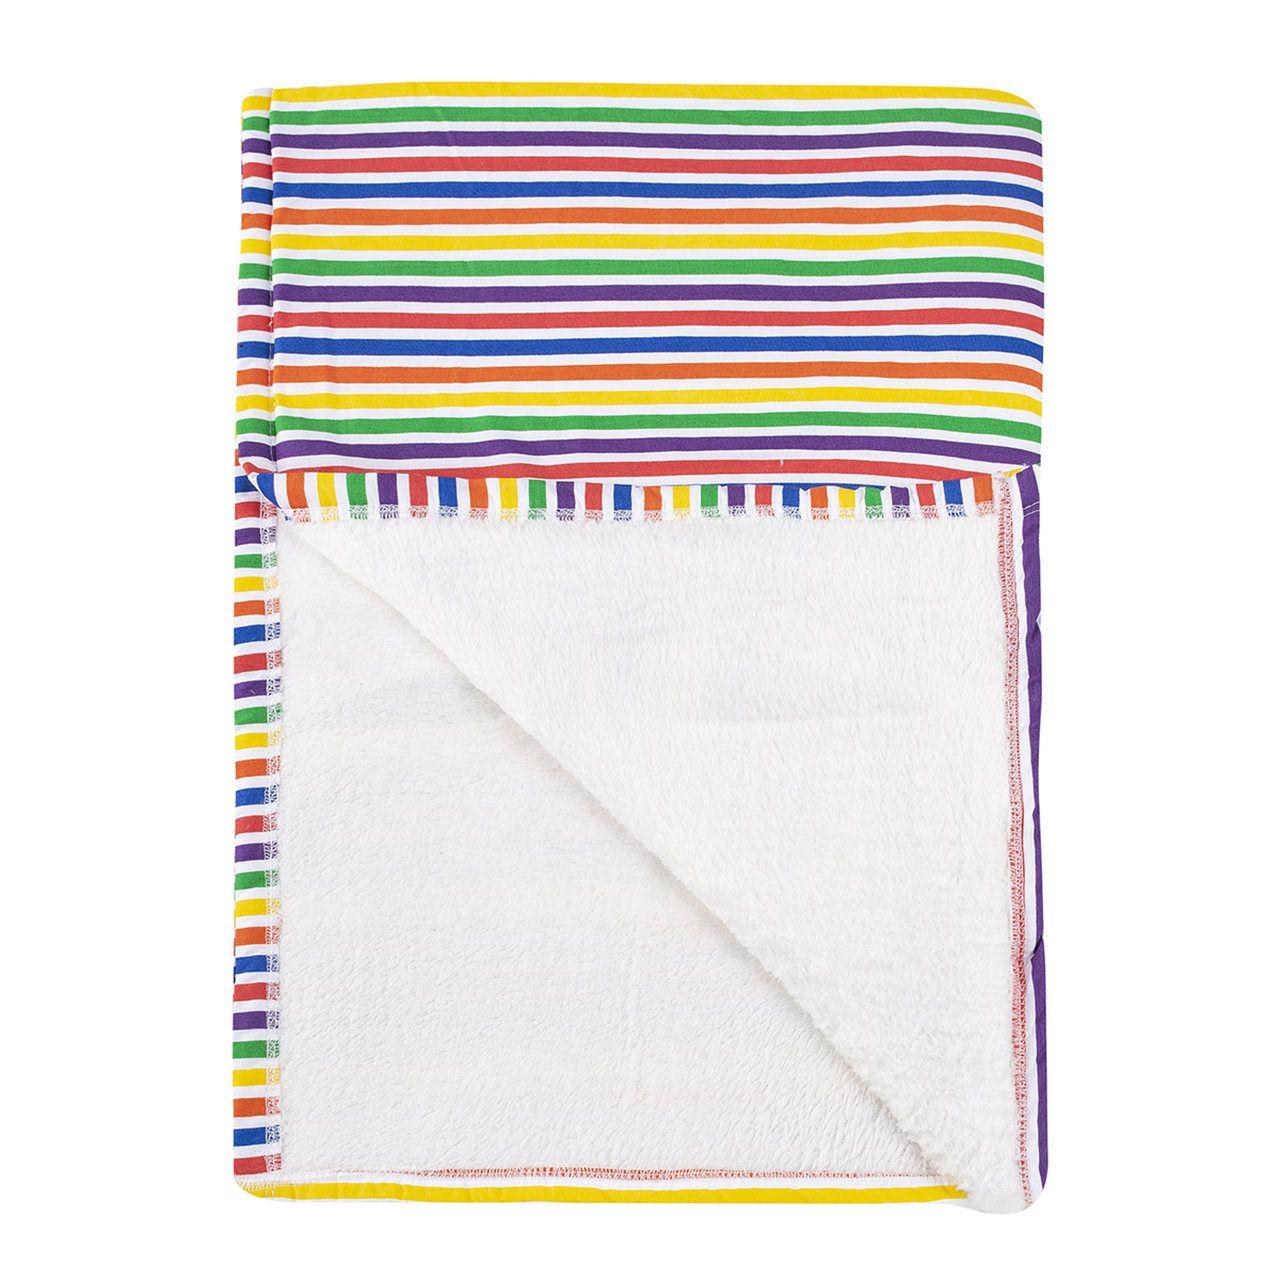 Cobertor infantil mini/berço Listras colorida 110 x 145 cm  - Pomelo Decor